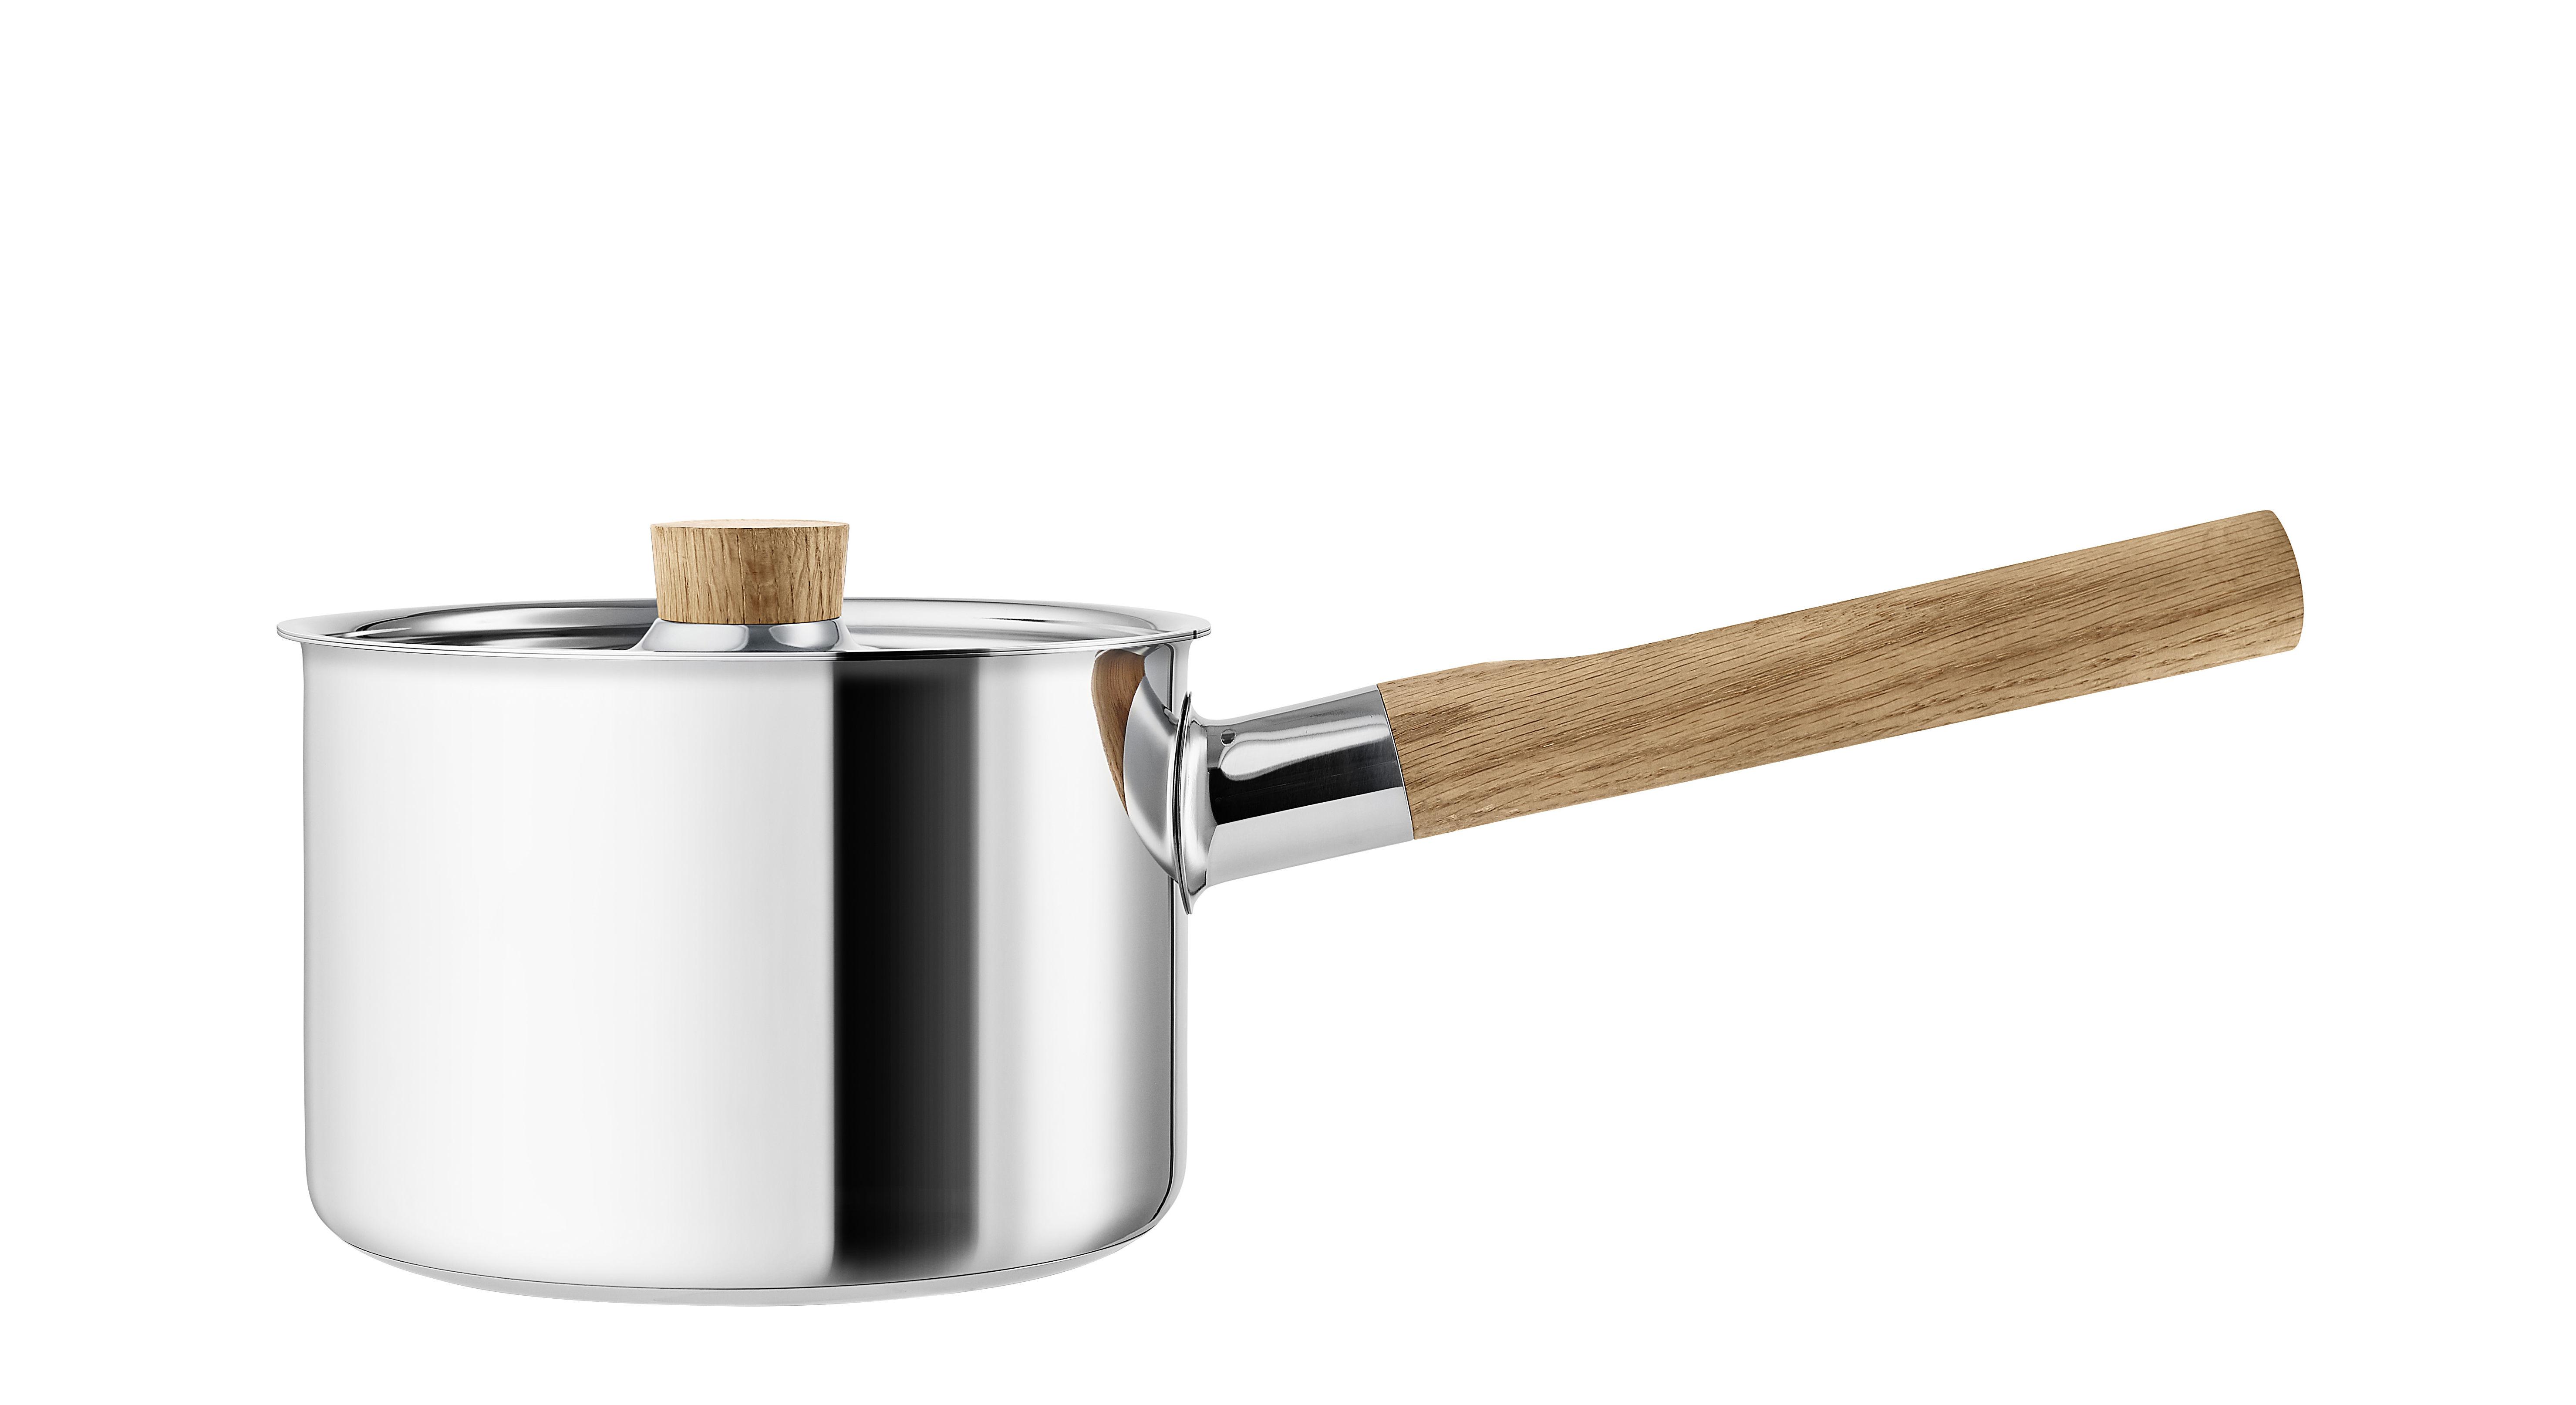 Cuisine - Casseroles, poêles, plats... - Casserole Nordic Kitchen / 2 L - Avec couvercle - Eva Solo - Inox / Chêne - Acier inoxydable, Chêne